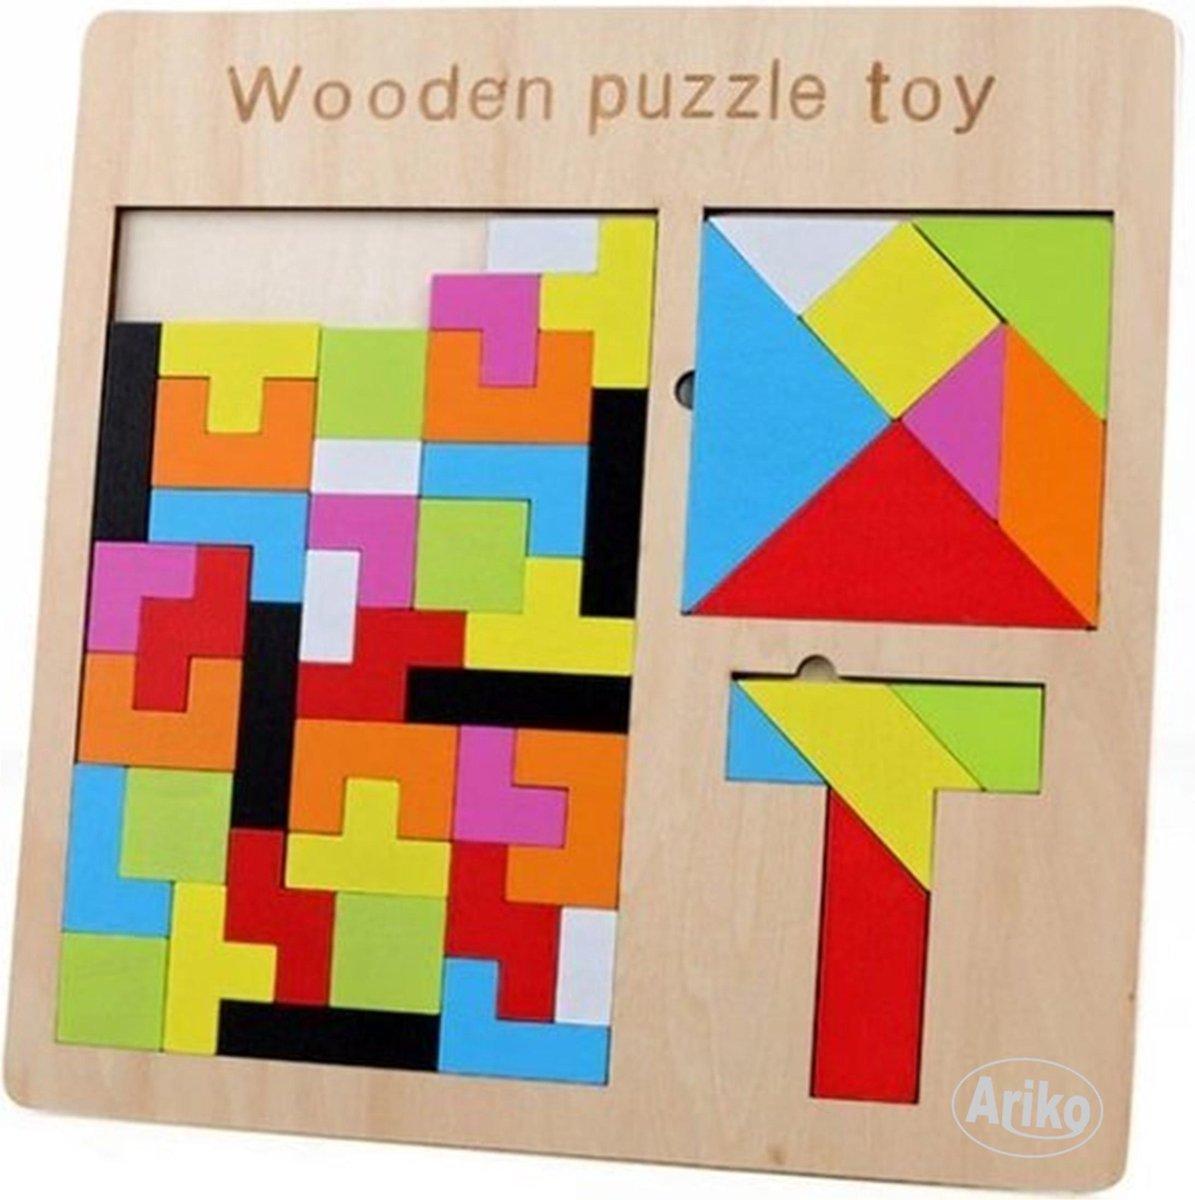 Ariko XL puzzel | tangram puzzel |russian block puzzel | houten puzzel | Tetris | kinderpuzzel | Tetris puzzel | houten speelgoed | 3 in 1